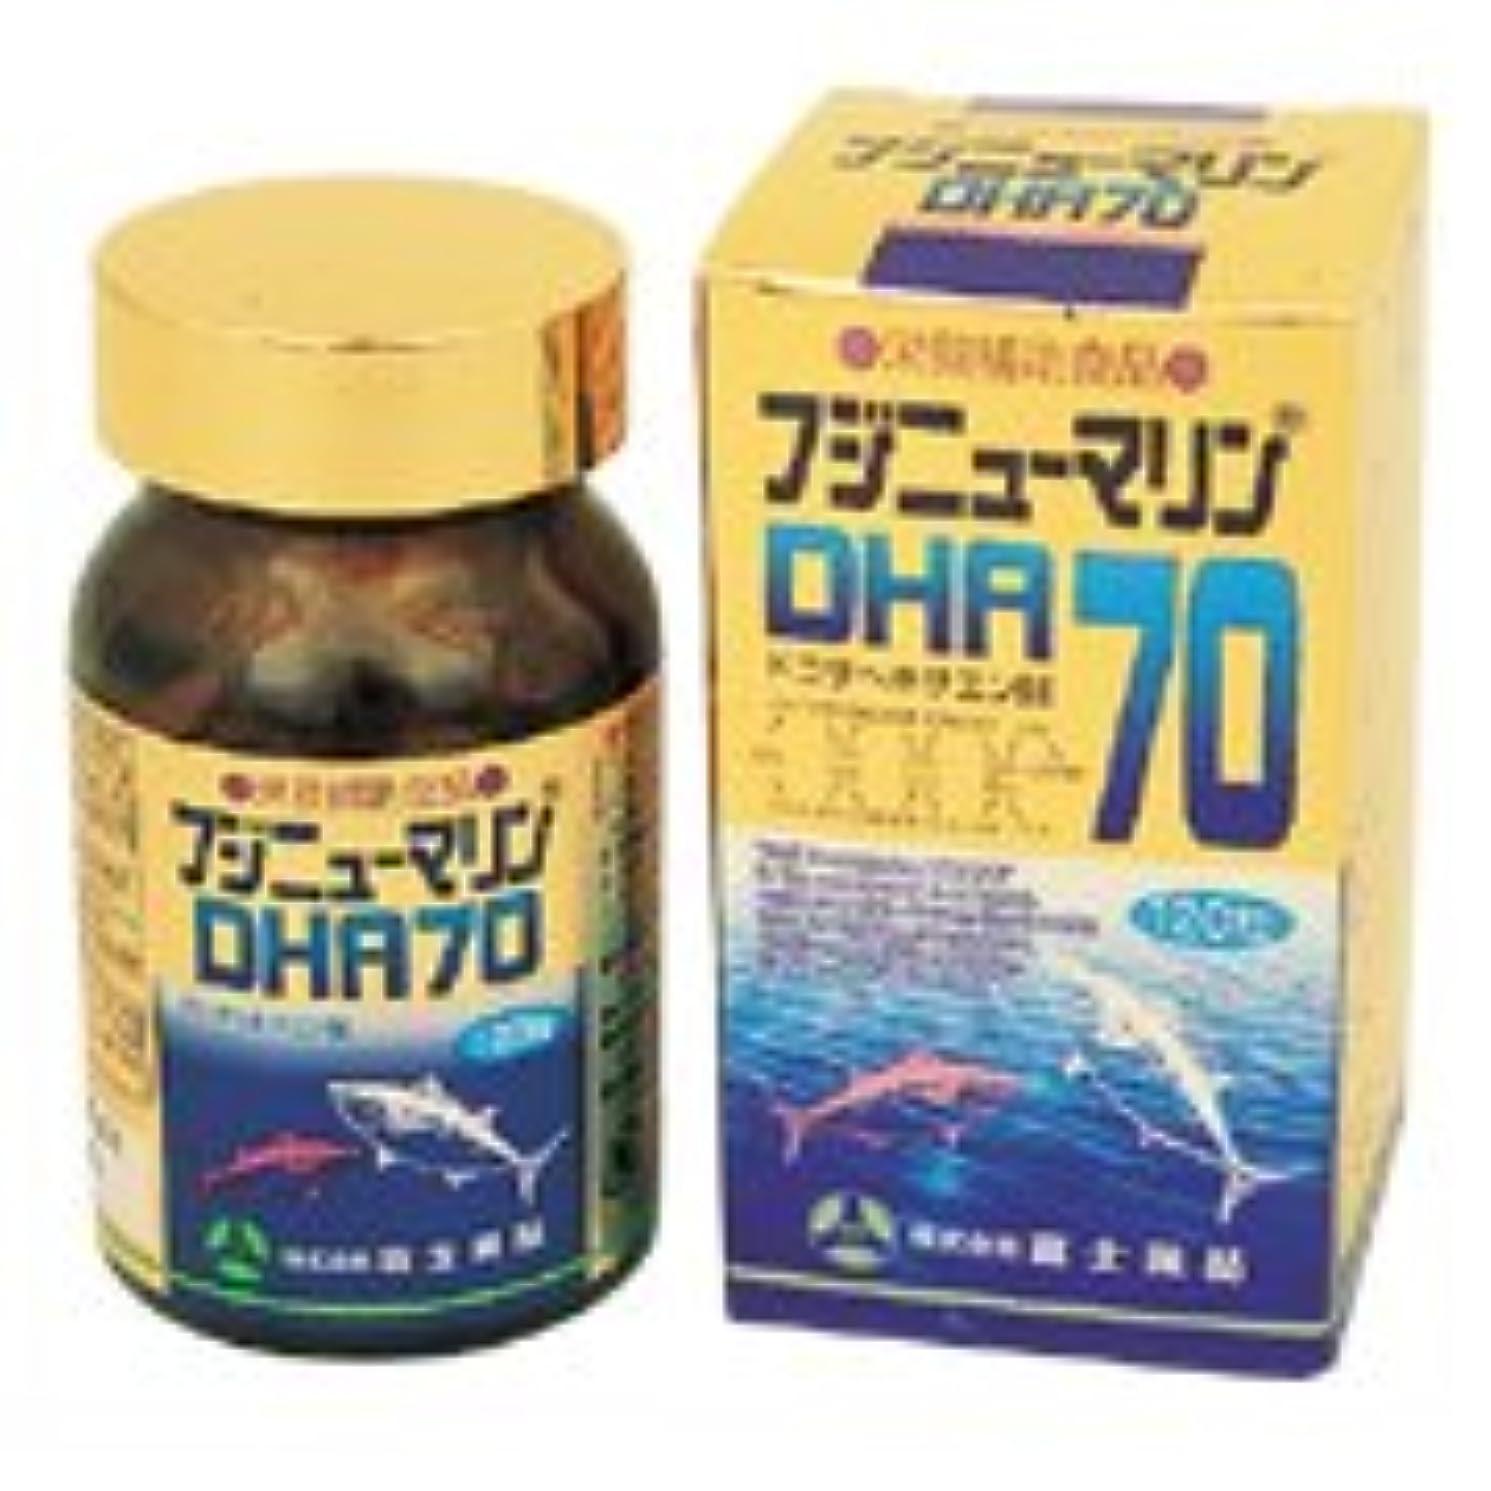 ヘッドレスタンクメジャー富士薬品 DHA含有量70% フジニューマリンDHA70 120粒入り